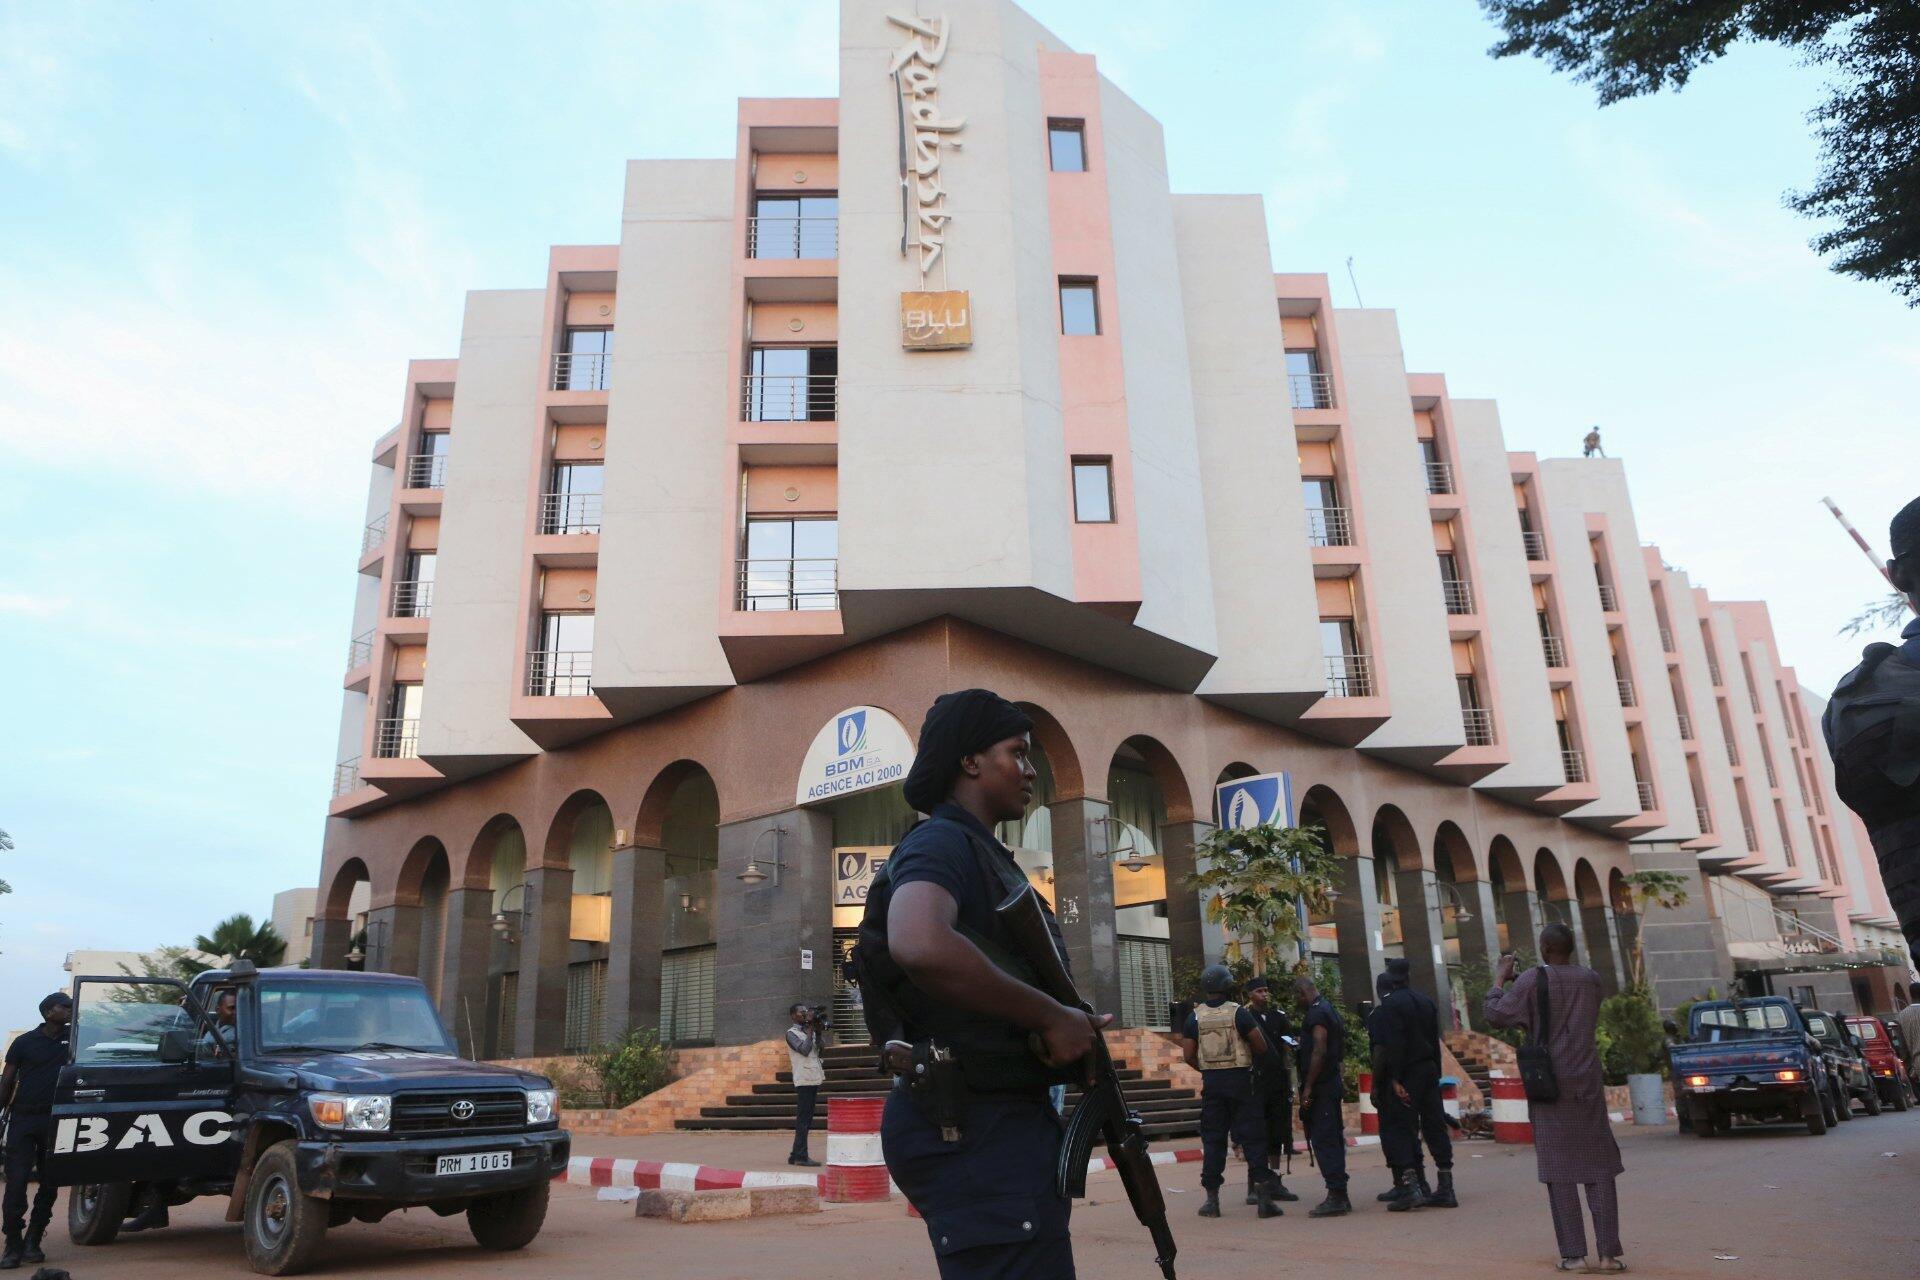 Devant l'hôtel Radisson à Bamako durant la prise d'otages, le 20 novembre 2015.